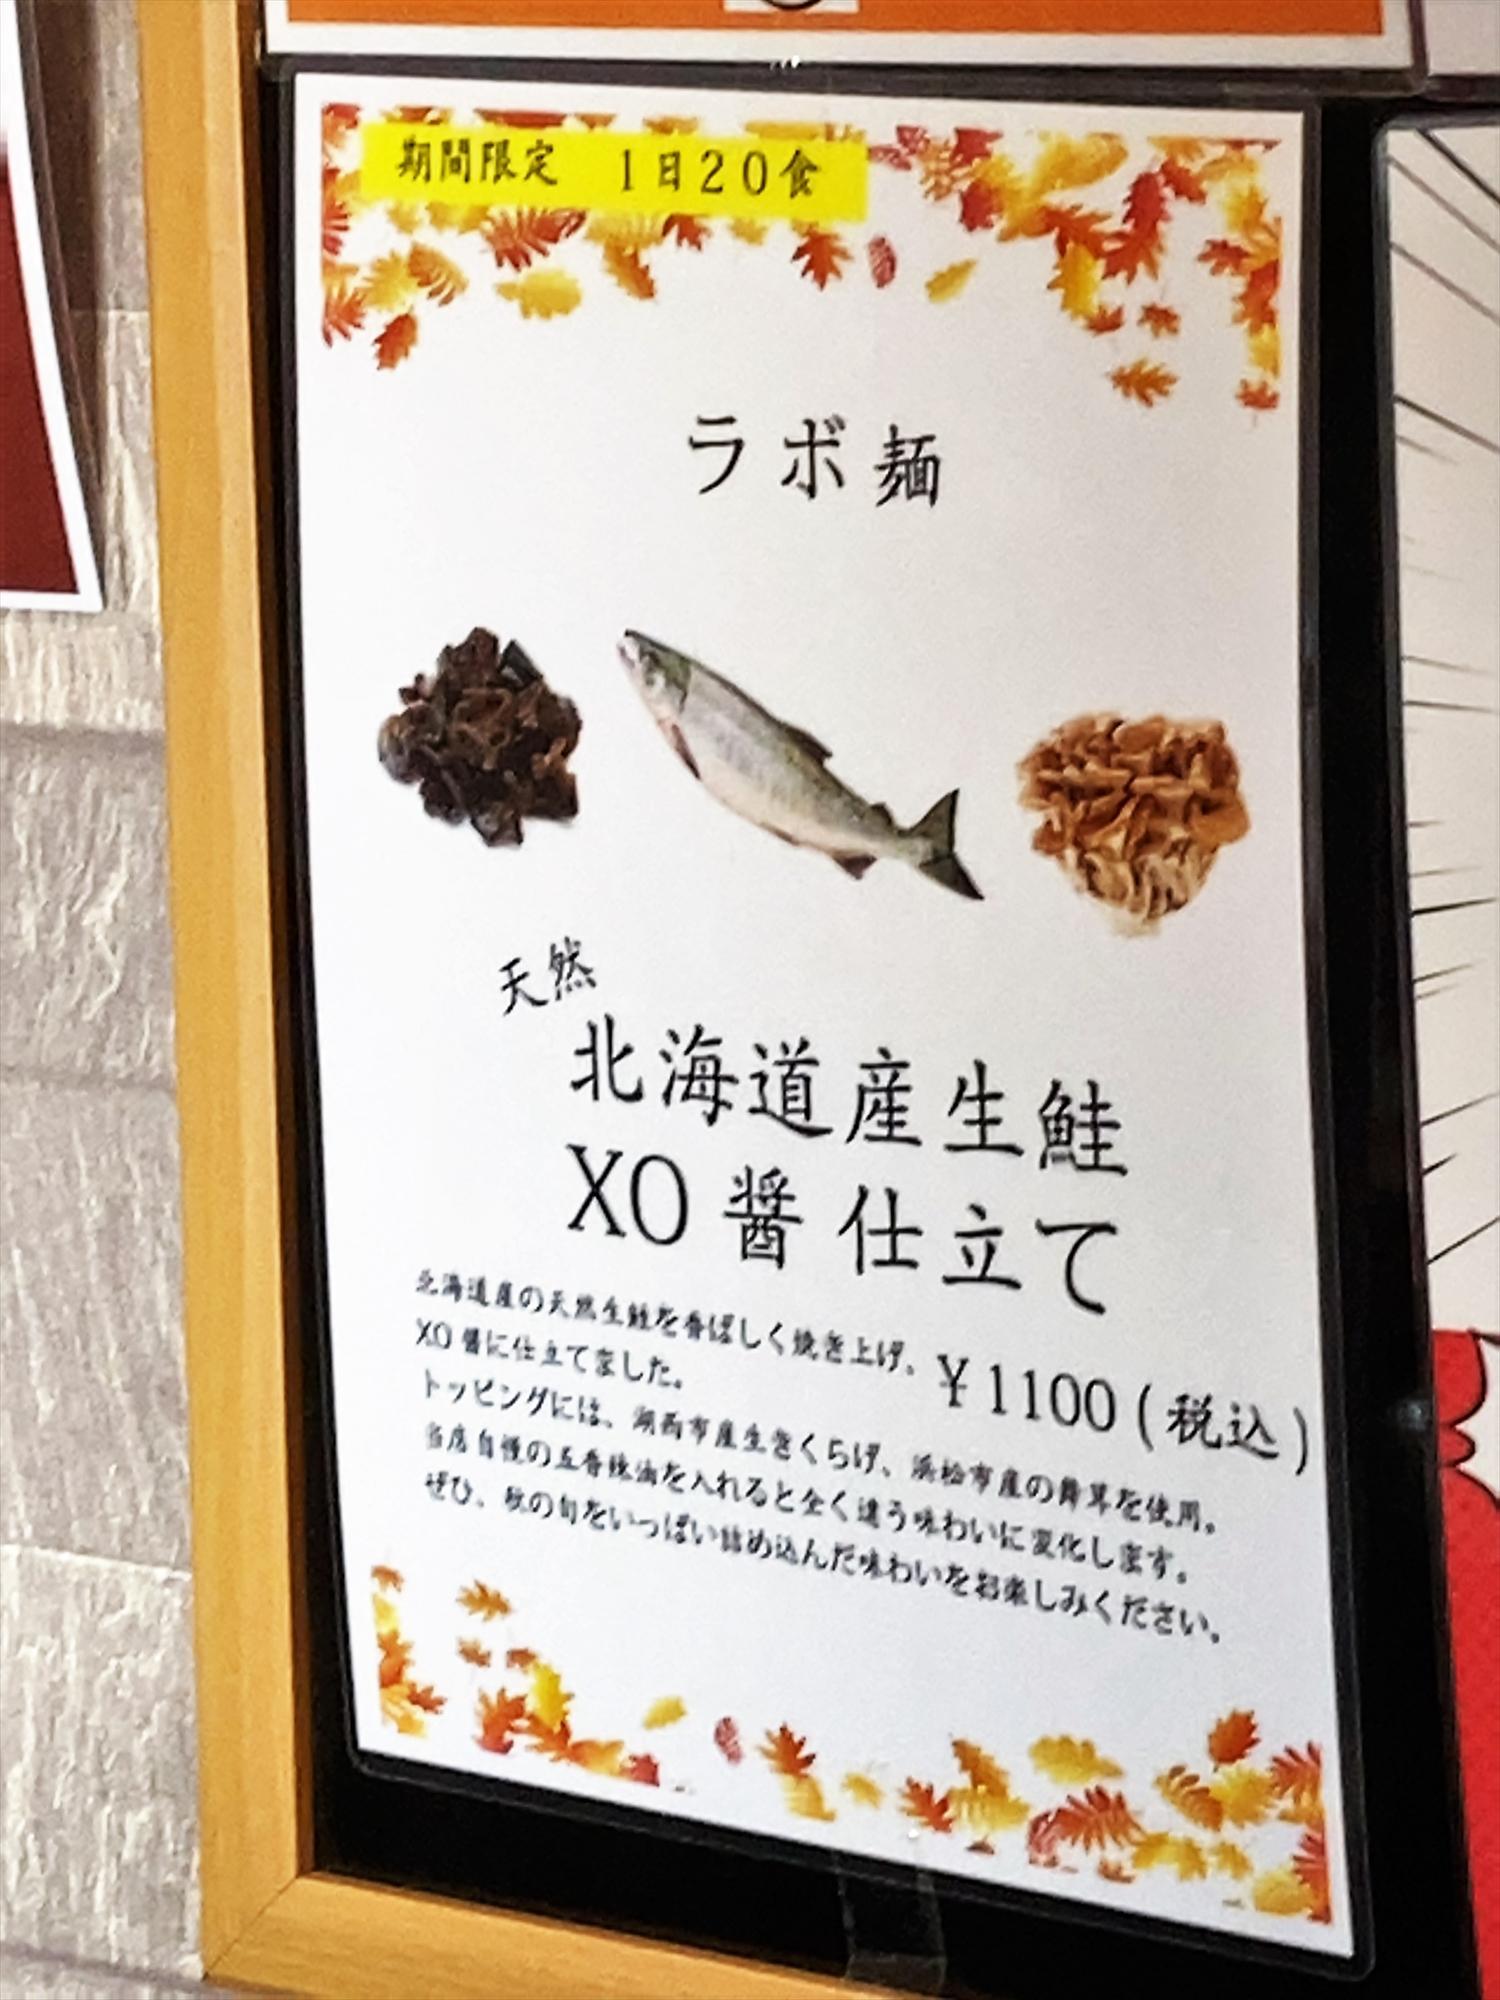 汁なし担々麺っぽい専門店 ラボラトリーの限定